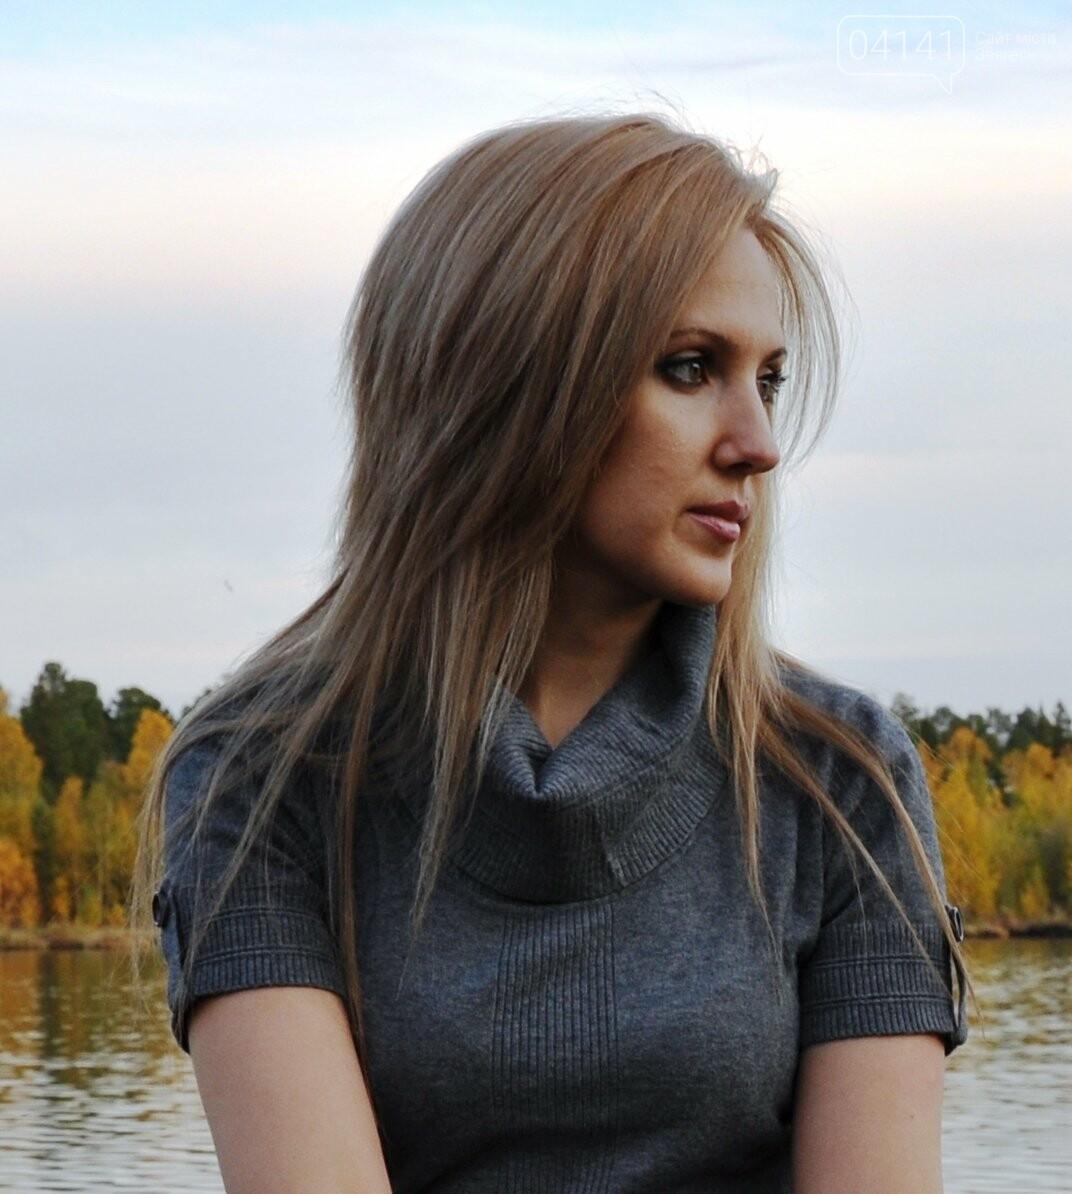 Модні жіночі стрижки на середнє волосся 2020 року - ТОП тренди поточного року з фото, фото-3